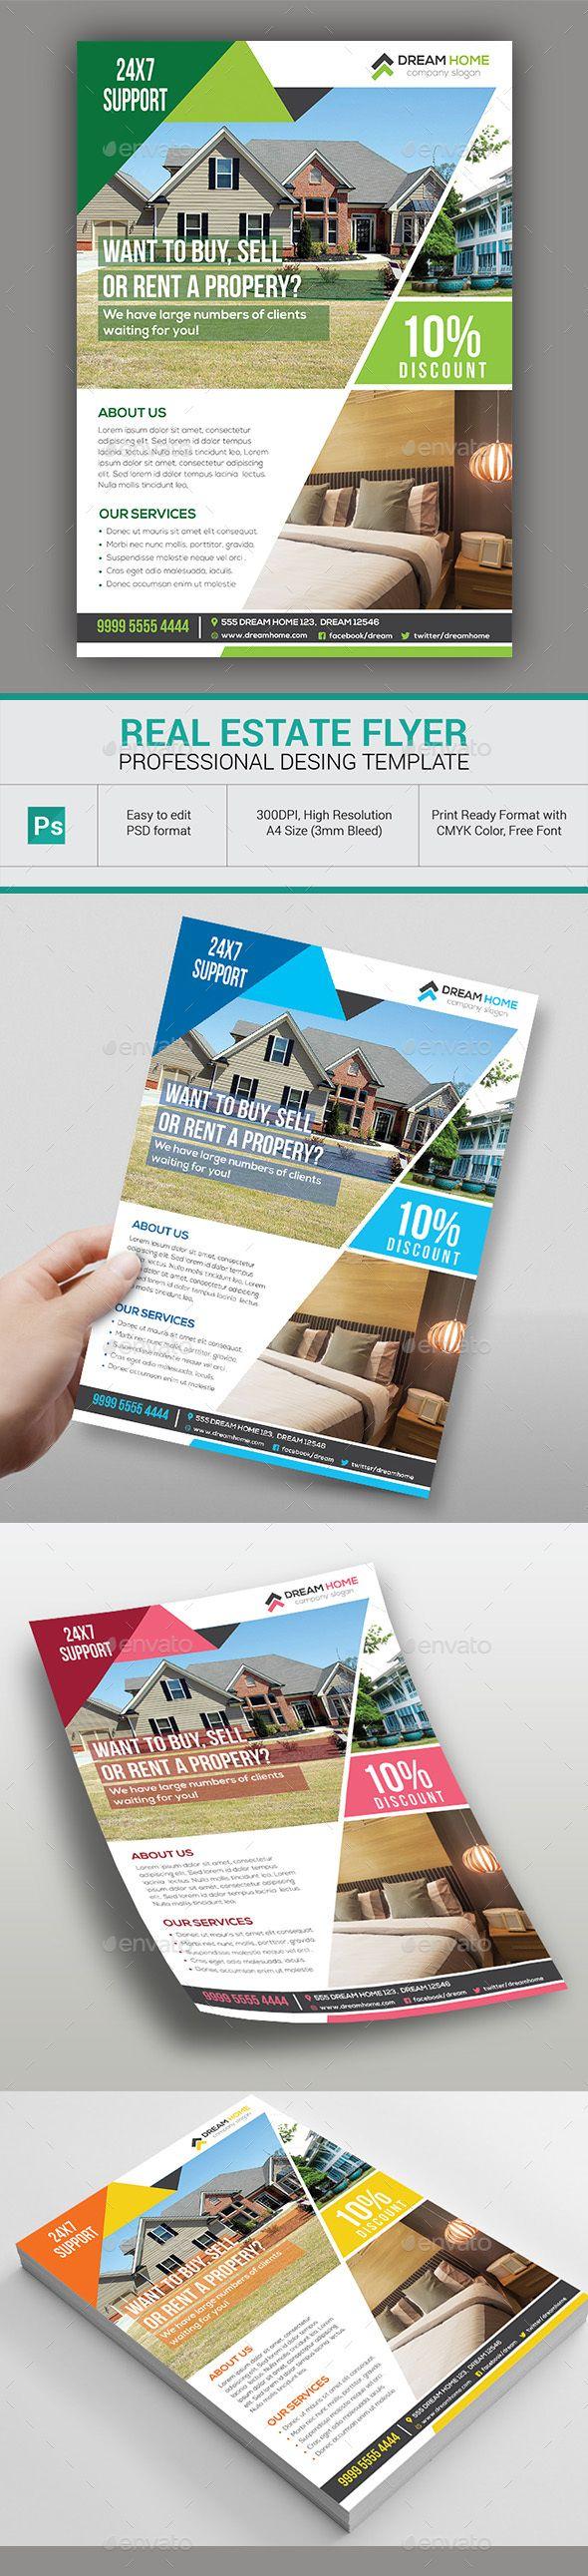 Real Estate Flyer Real Estate Flyers Flyer Template And Adobe - Photoshop real estate flyer templates